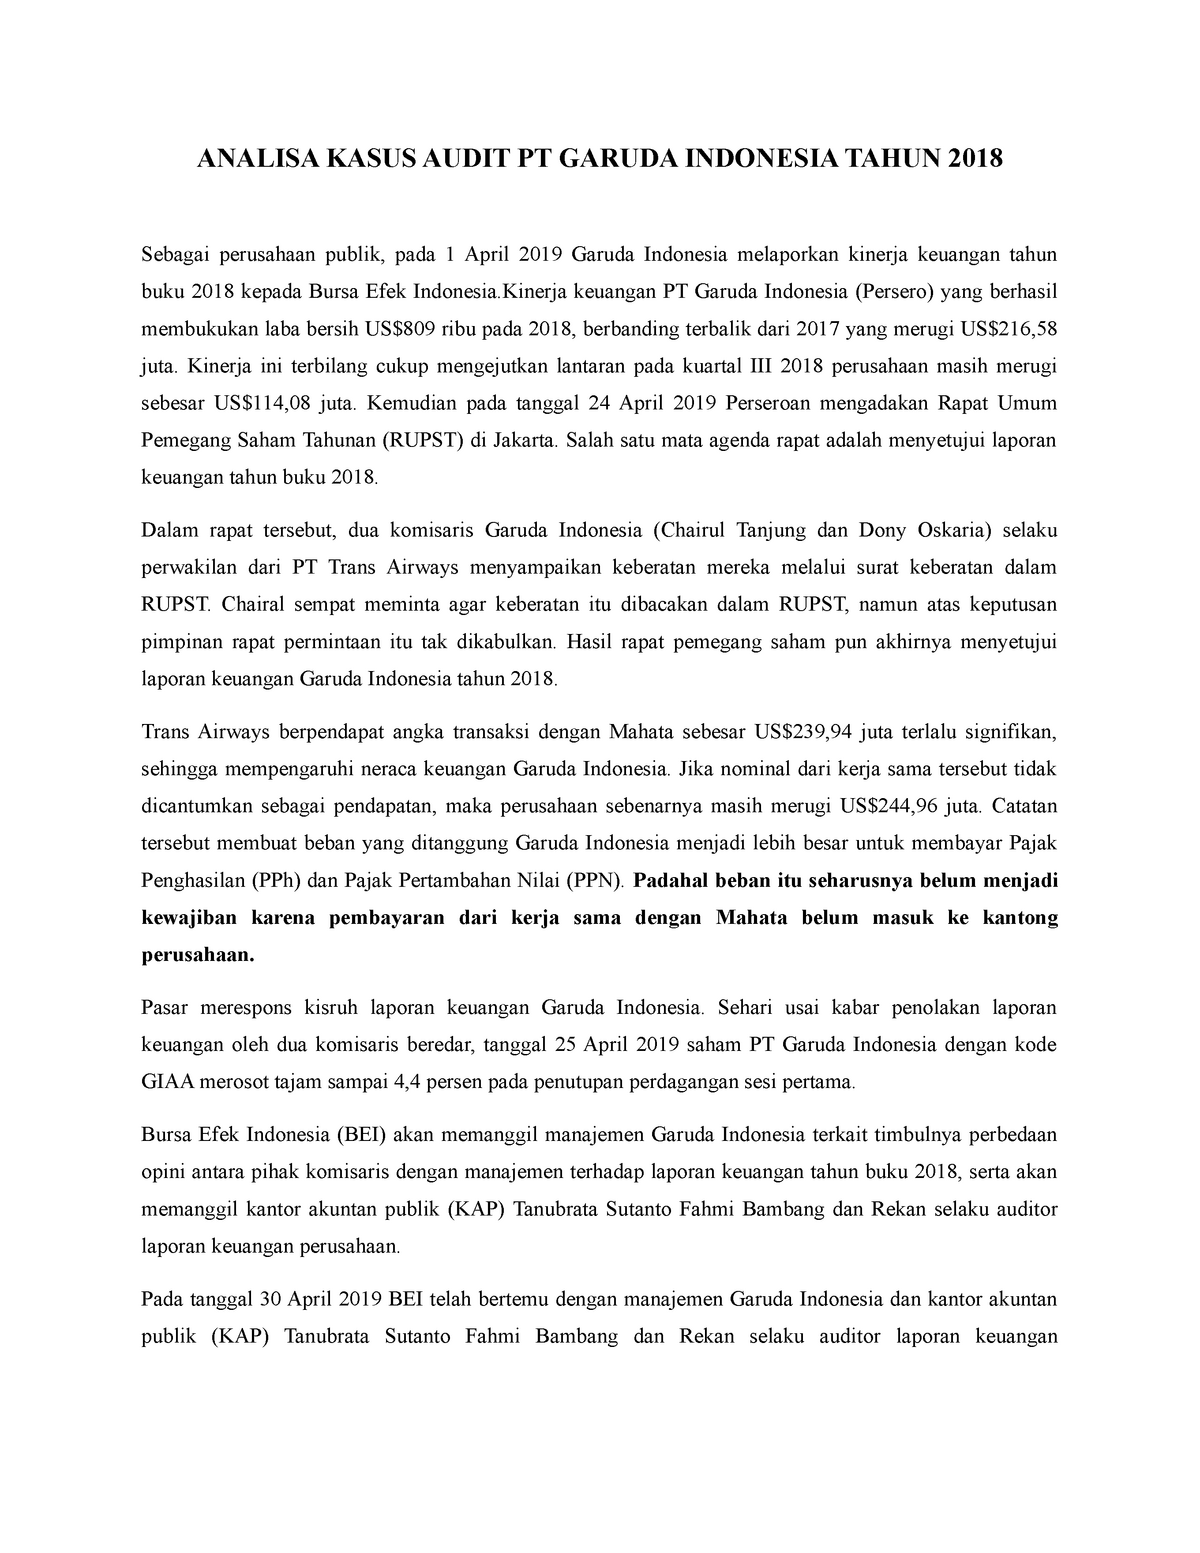 Analisa Kasus Audit Pt Garuda Indonesia Tahun 2018 Studocu